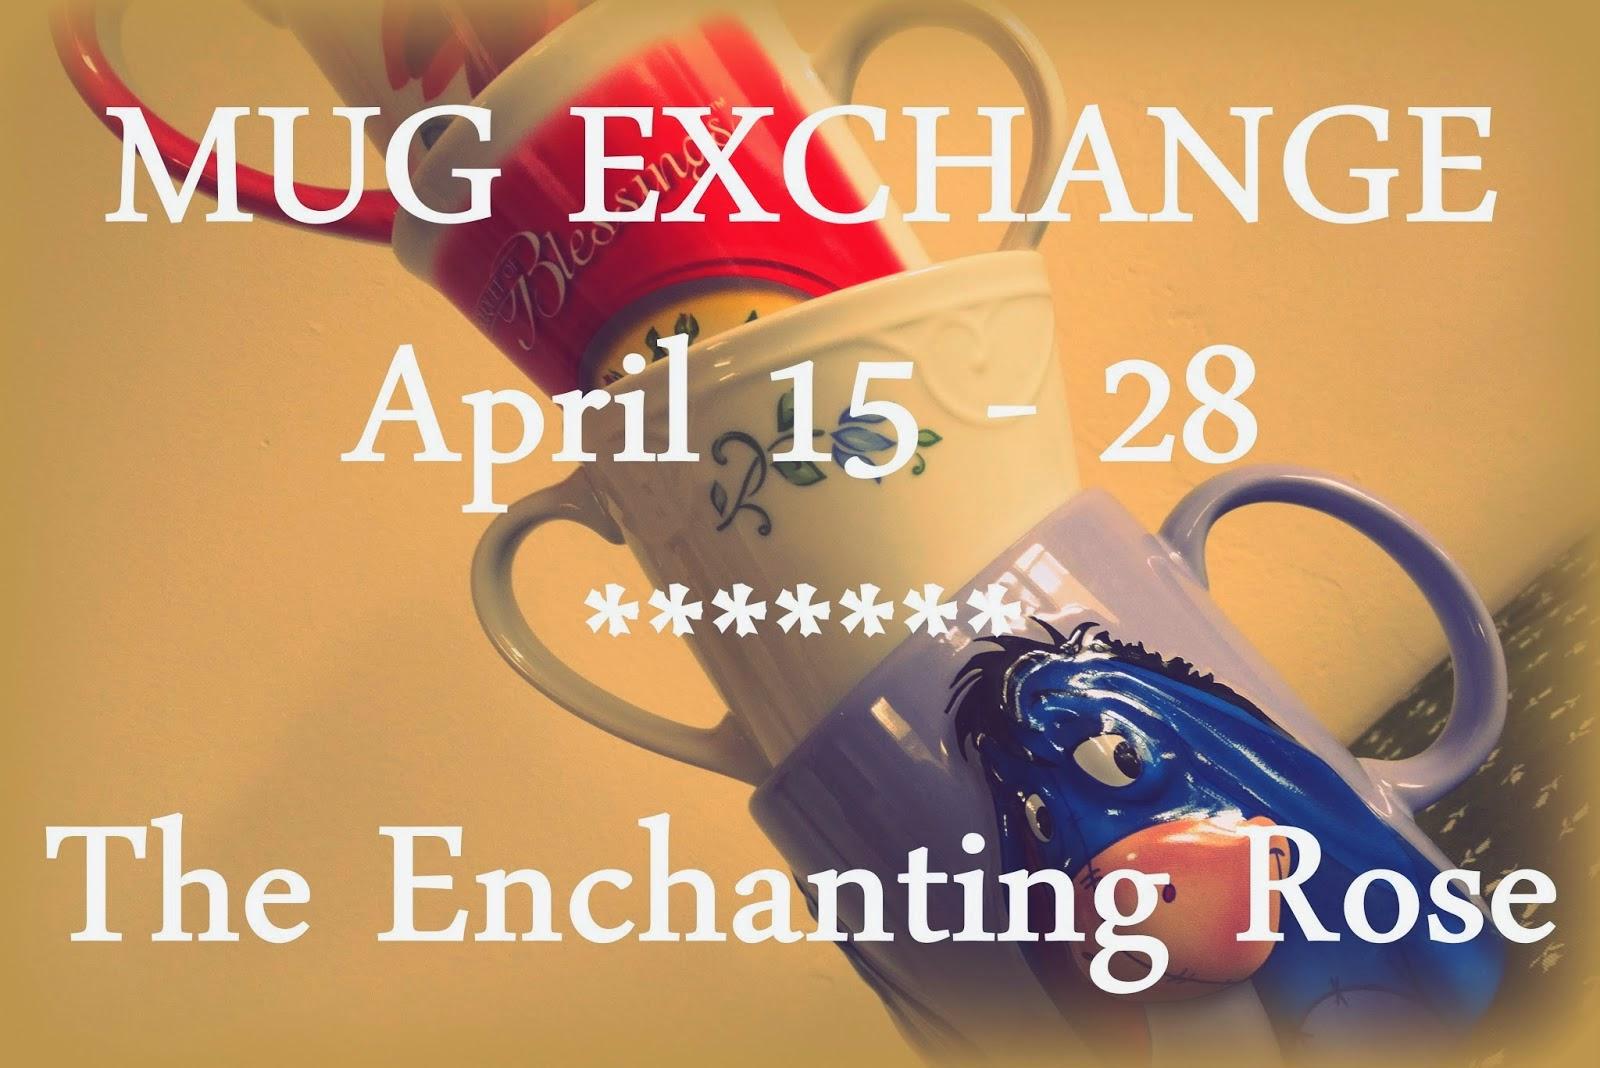 Mug Exchange